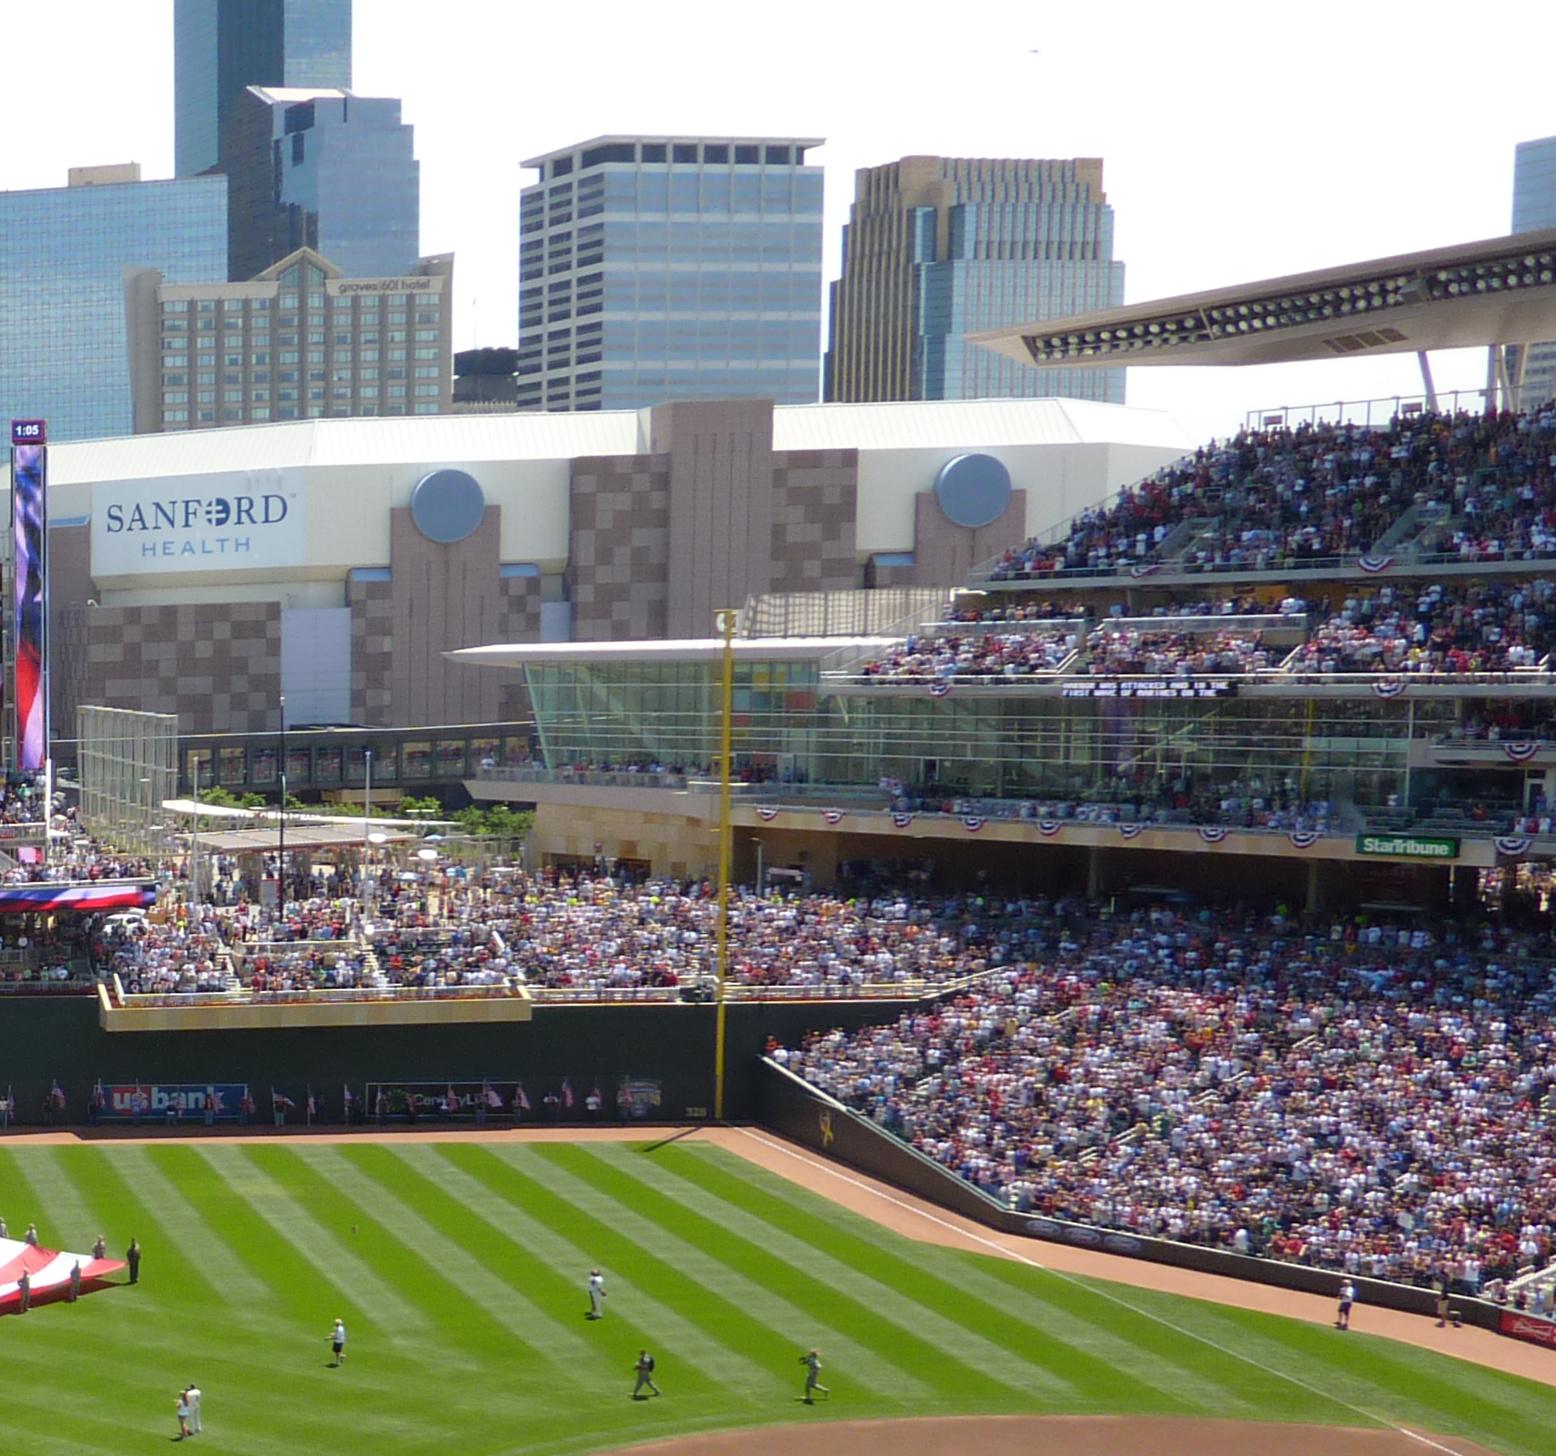 Minneapolis sports venues[edit]